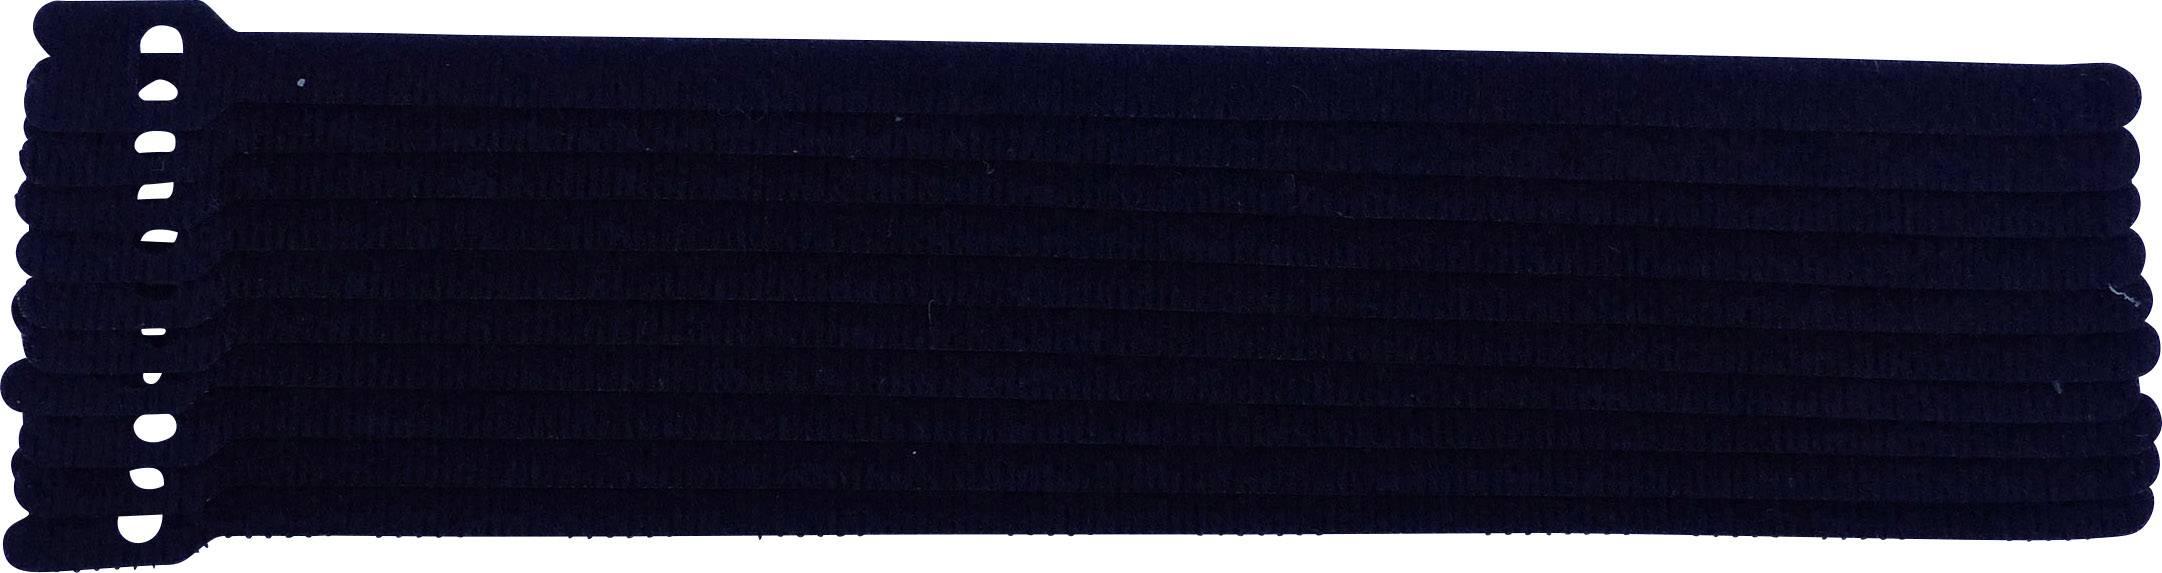 Kabelový manažer na suchý zip TRU COMPONENTS 801-330-Bag, černá, 10 ks